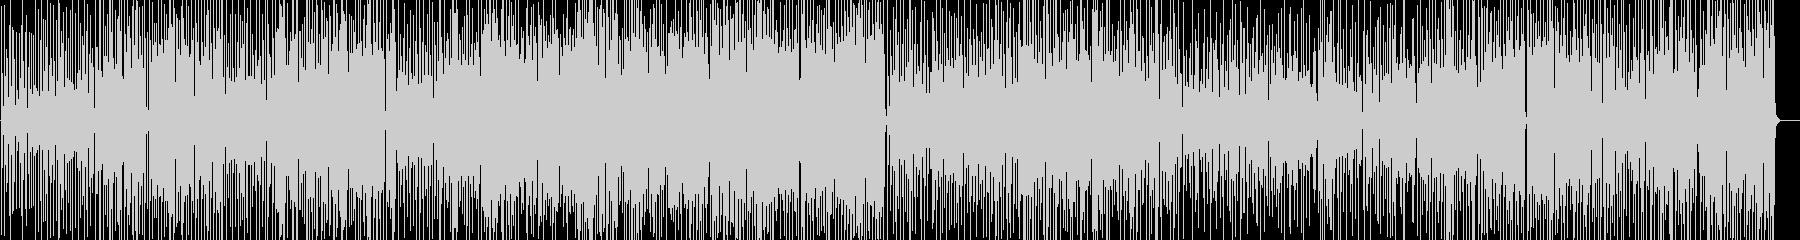 ご機嫌なサックスインスト音楽の未再生の波形